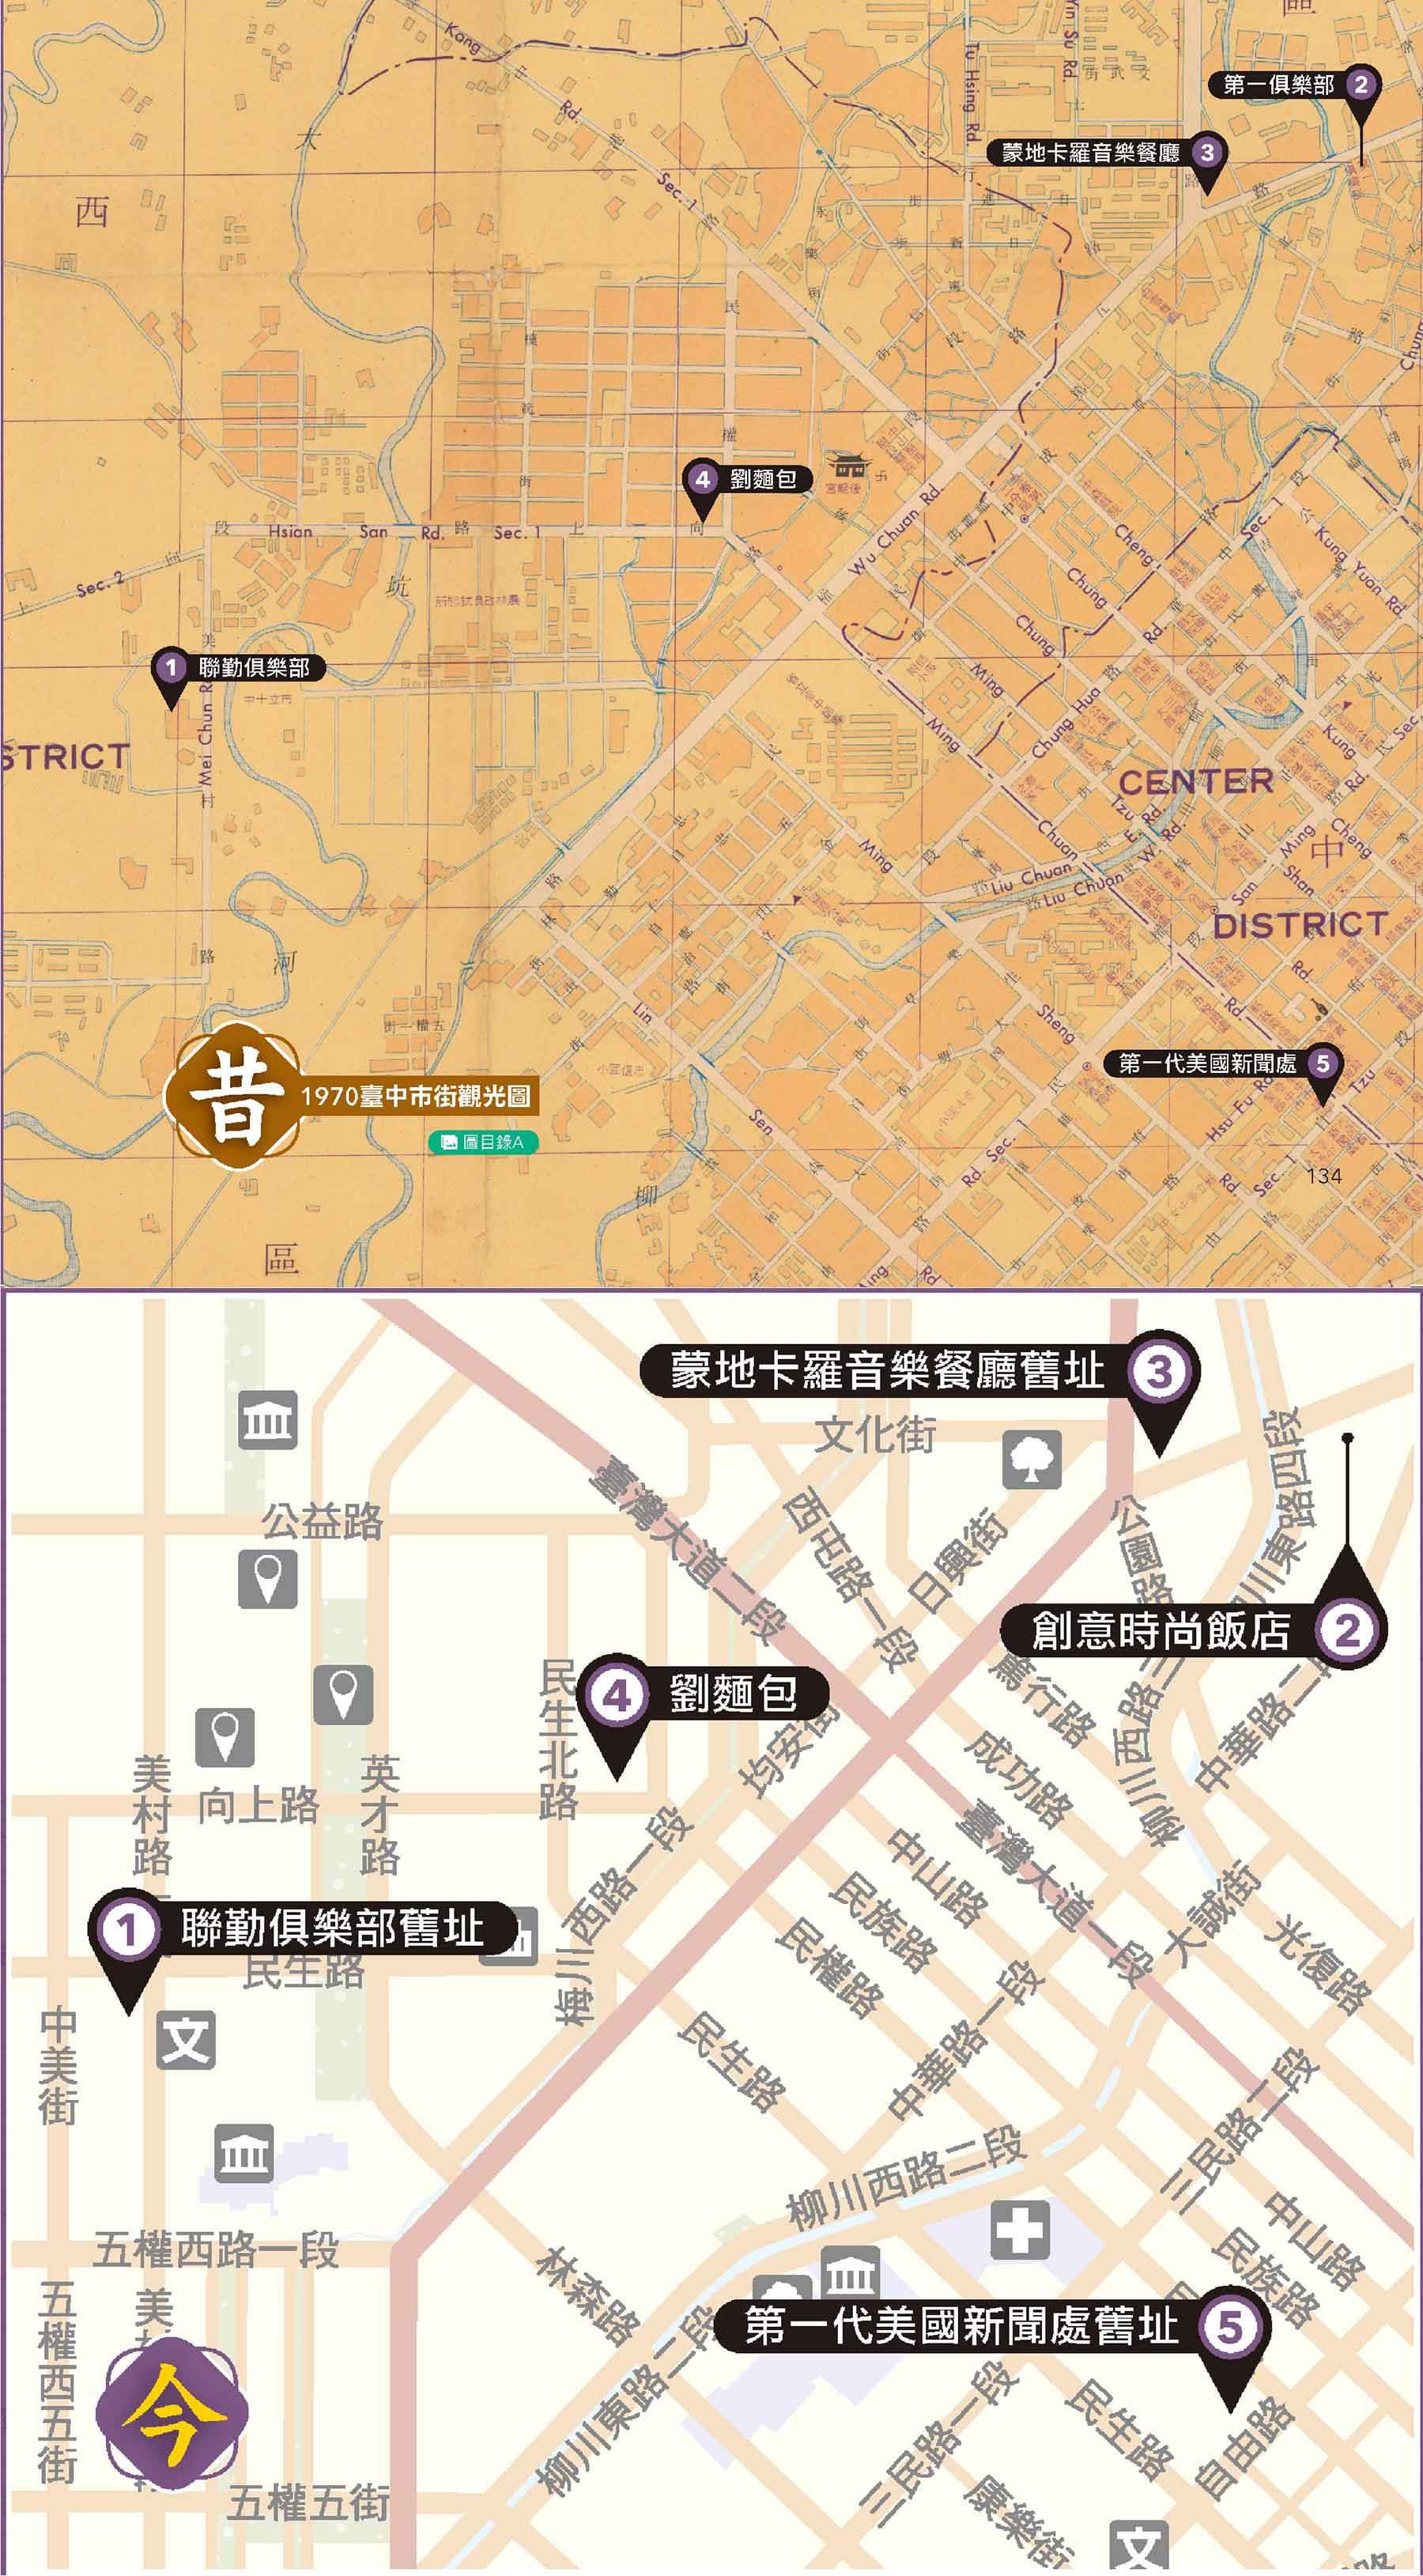 上方為 1970 年代臺中市街觀光圖,可看到當時美軍常去的酒吧。下方為今日地圖對照。 圖片來源│《臺中歷史地圖散步》